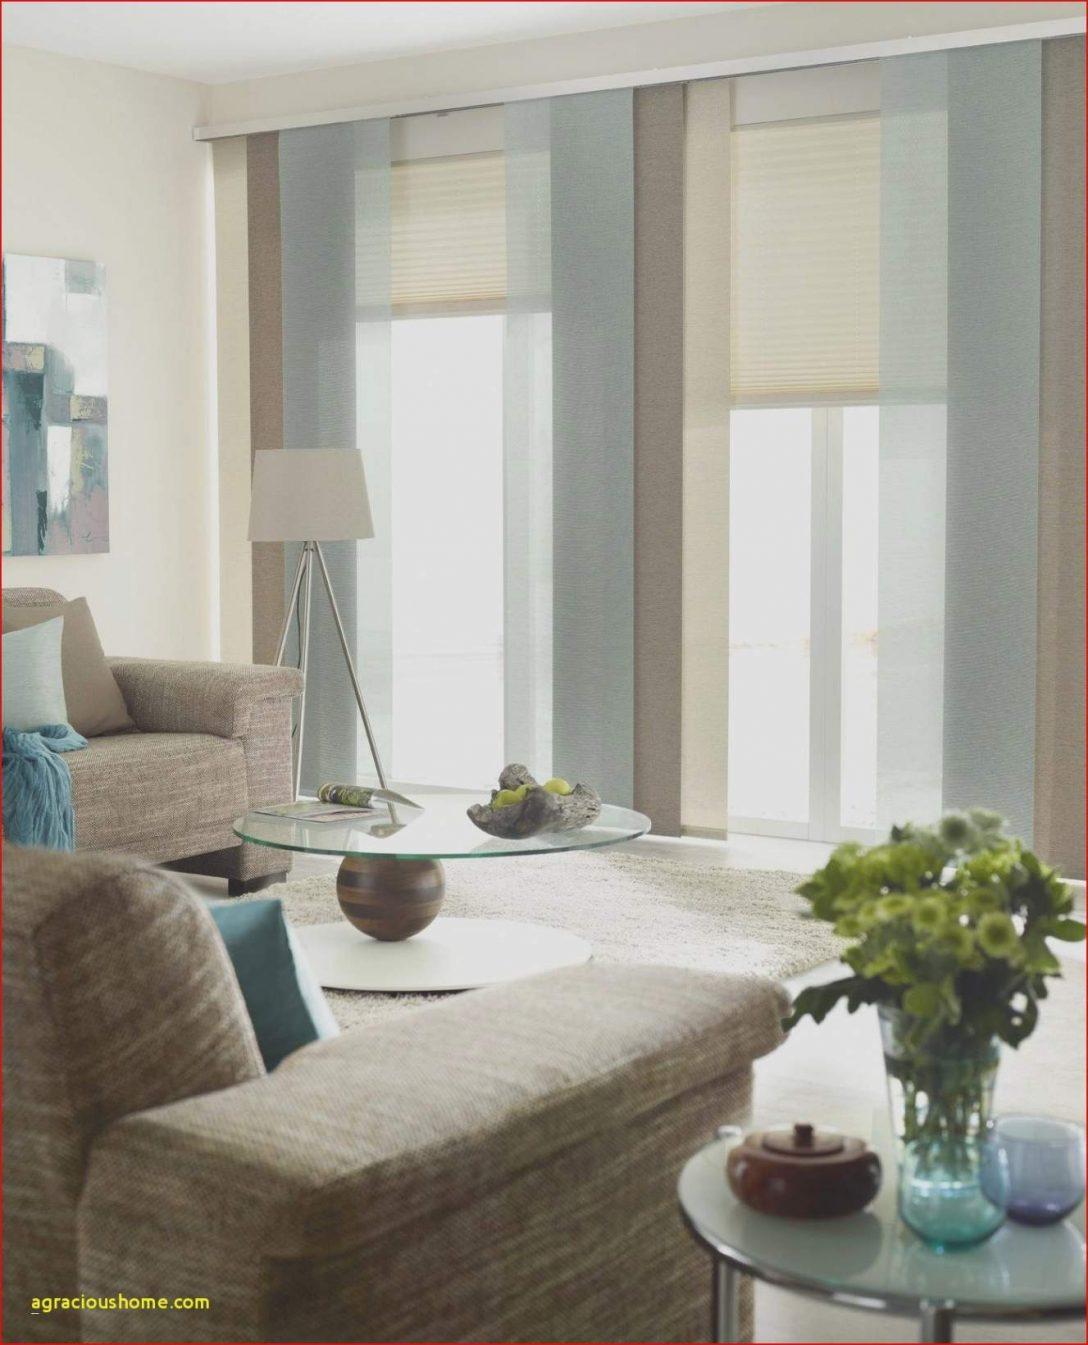 Large Size of 32 Einzigartig Gardinen Wohnzimmer Modern Ideen Schn Wohnwand Relaxliege Deckenlampen Für Stehlampe Deko Teppiche Decke Schrankwand Pendelleuchte Lampe Wohnzimmer Wohnzimmer Gardinen Modern